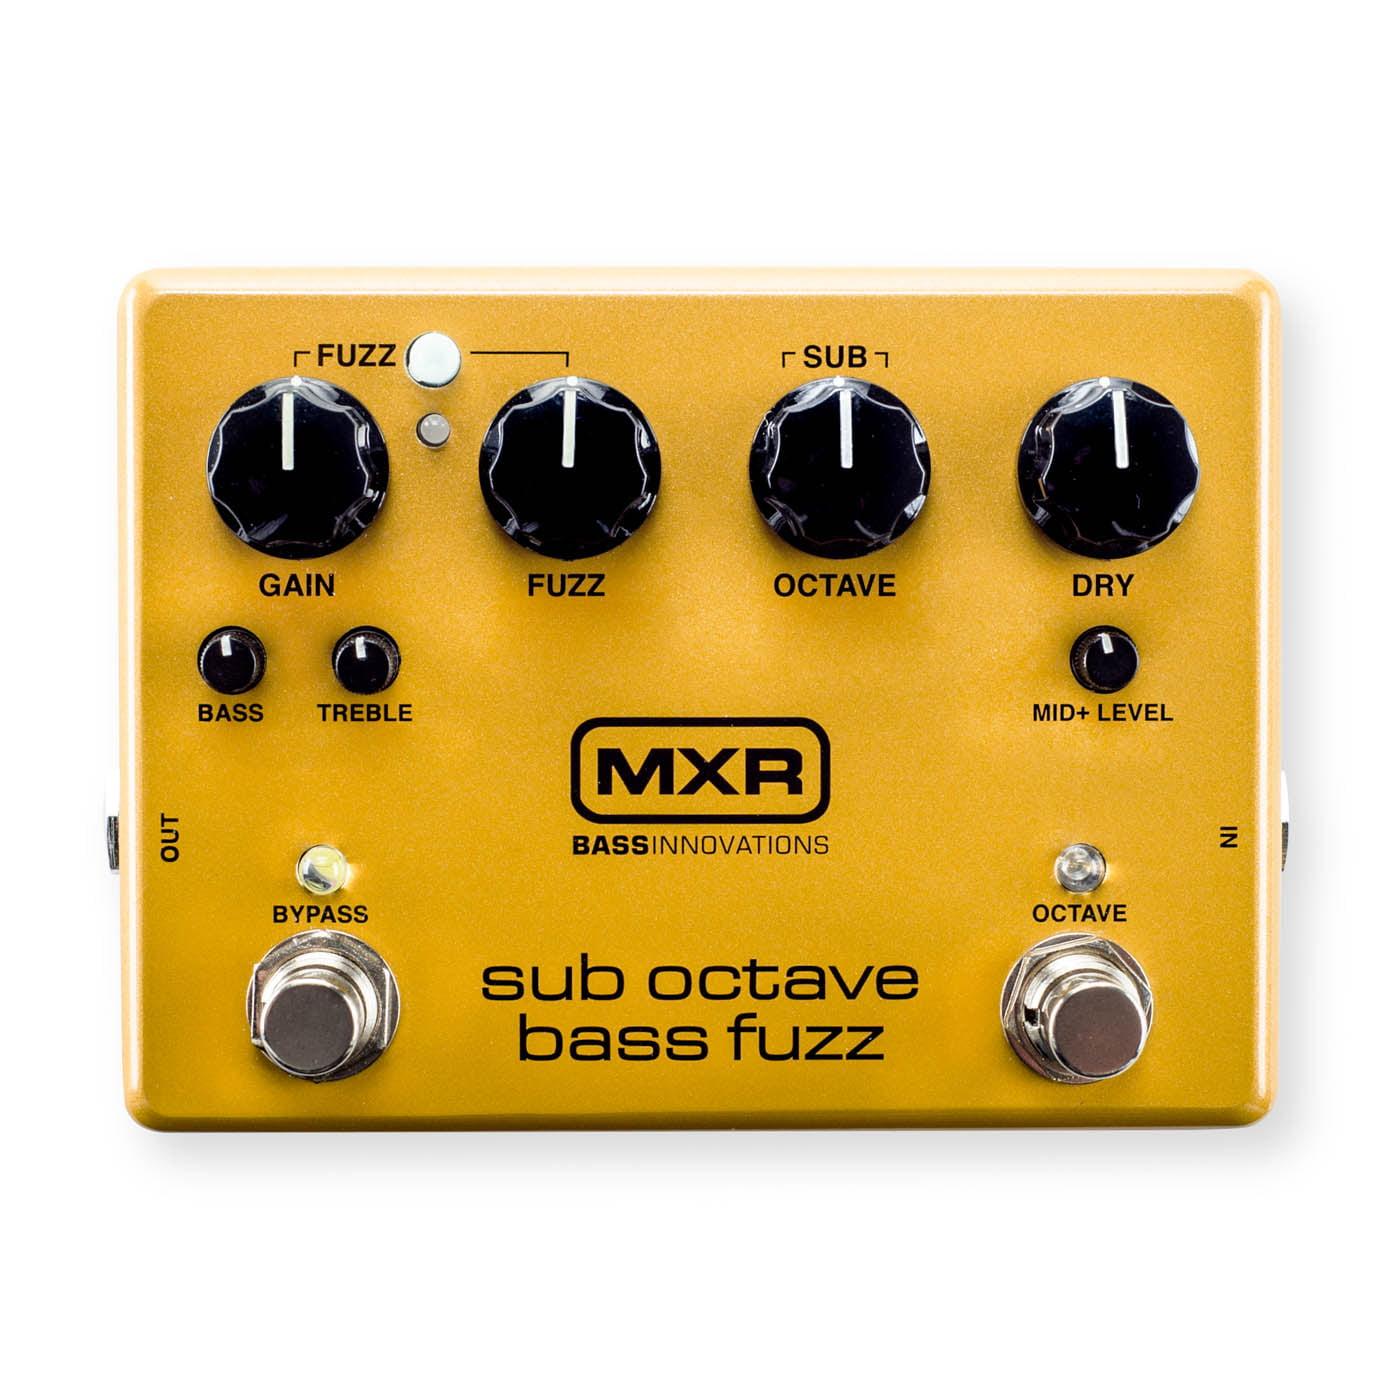 Dunlop MXR M287 Sub Octave Bass Fuzz Pedal by Dunlop